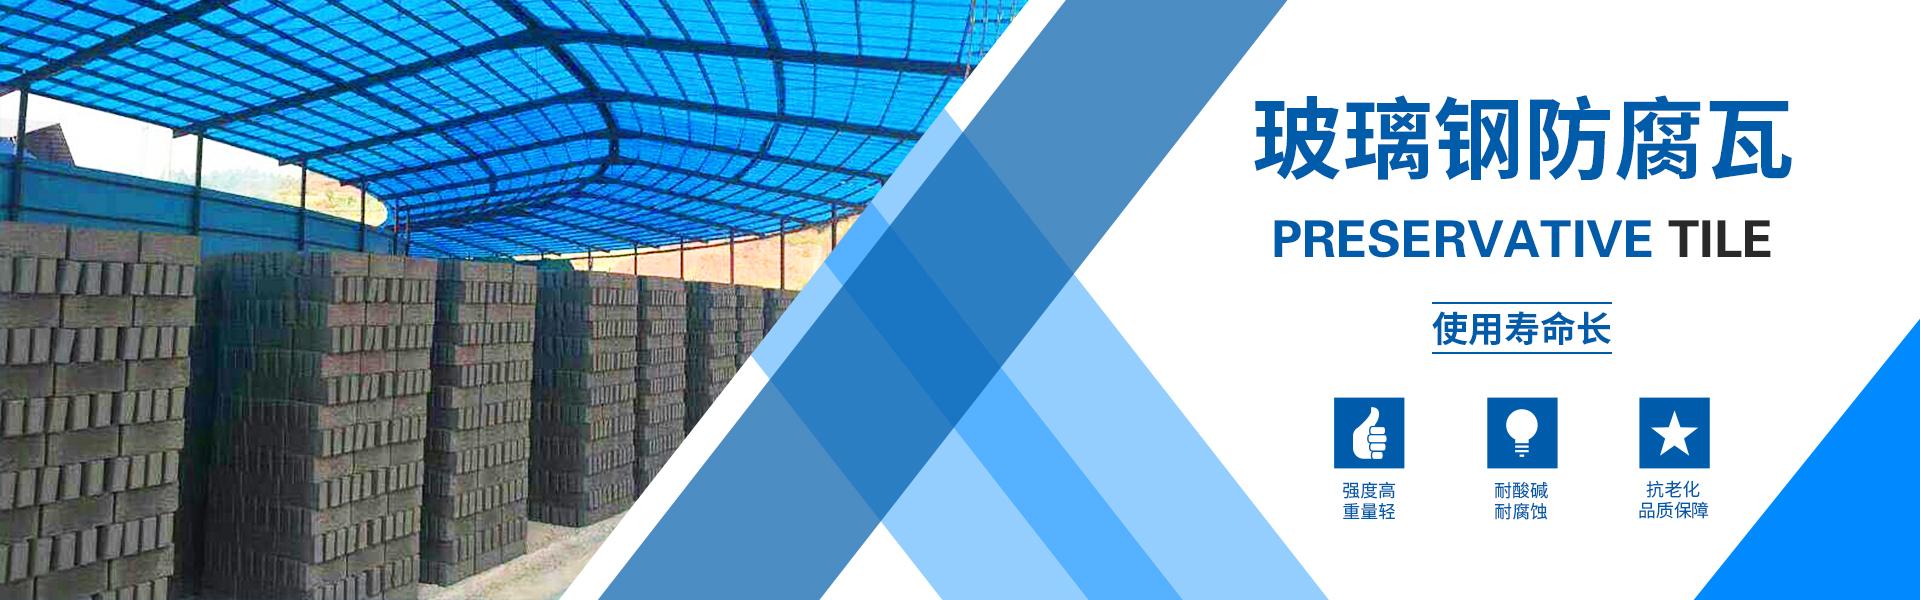 四会市中辉建材制品厂主要生产经营天沟、檩条、玻璃钢制品等产品,是一家专业的玻璃钢生产厂家。